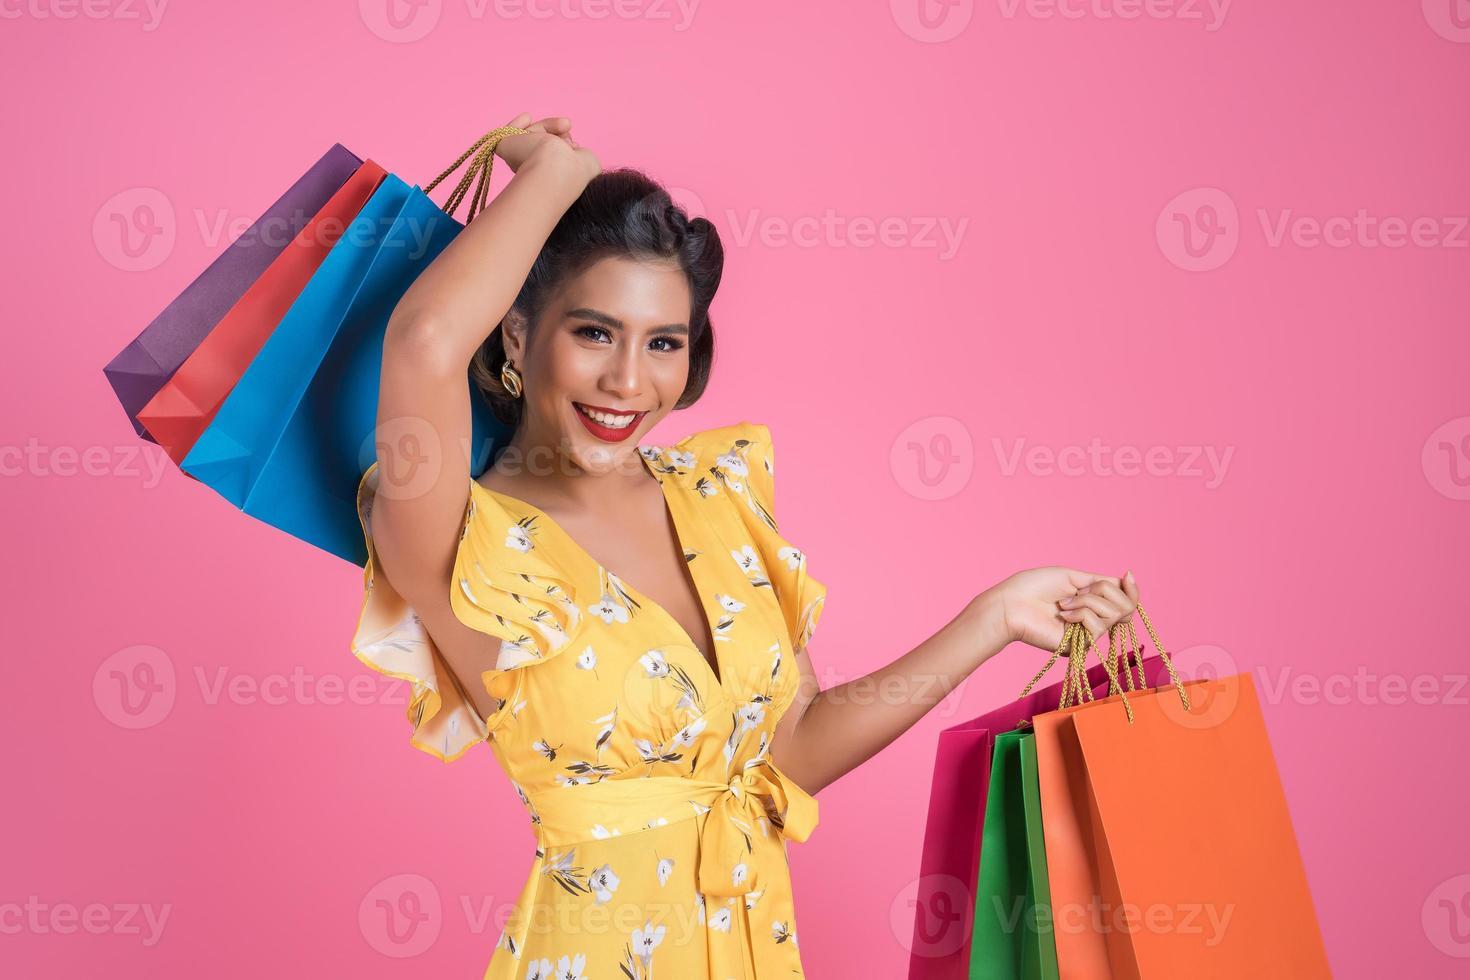 hermosa mujer asiática sosteniendo bolsas de colores foto